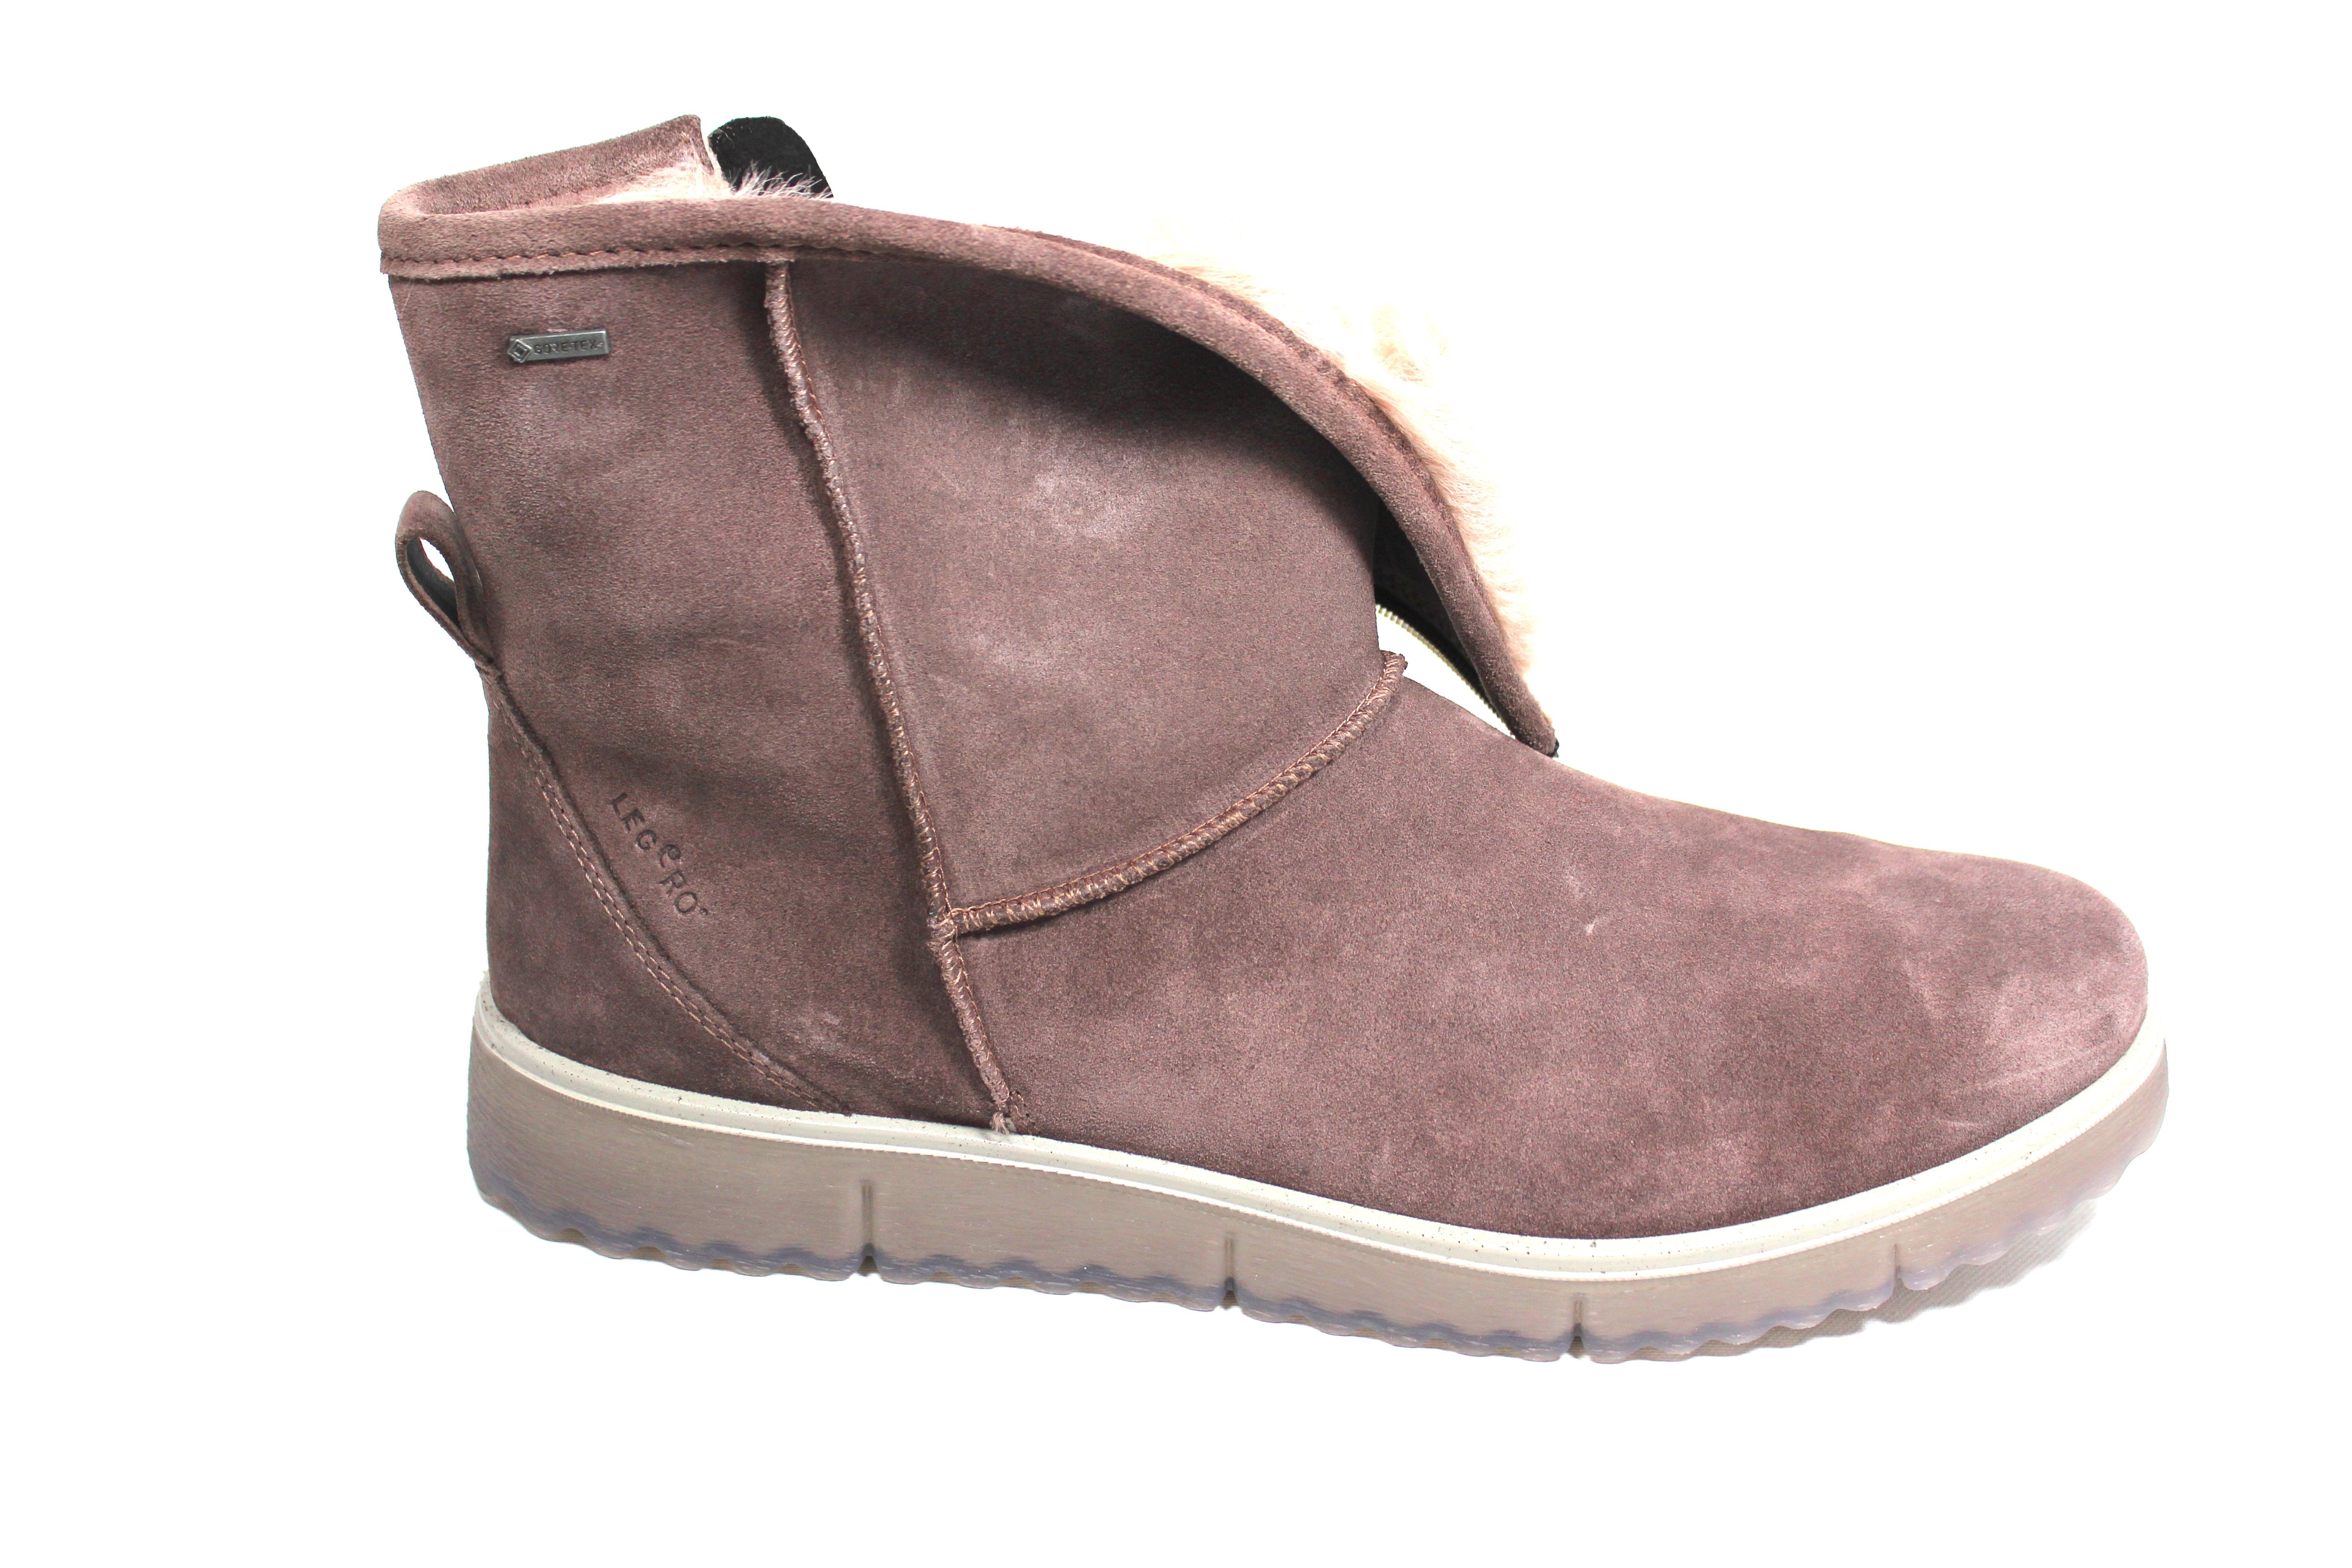 sale retailer 5fed9 9fa83 Gore -Tex Stiefelette 27132003/LE654 Nr 3